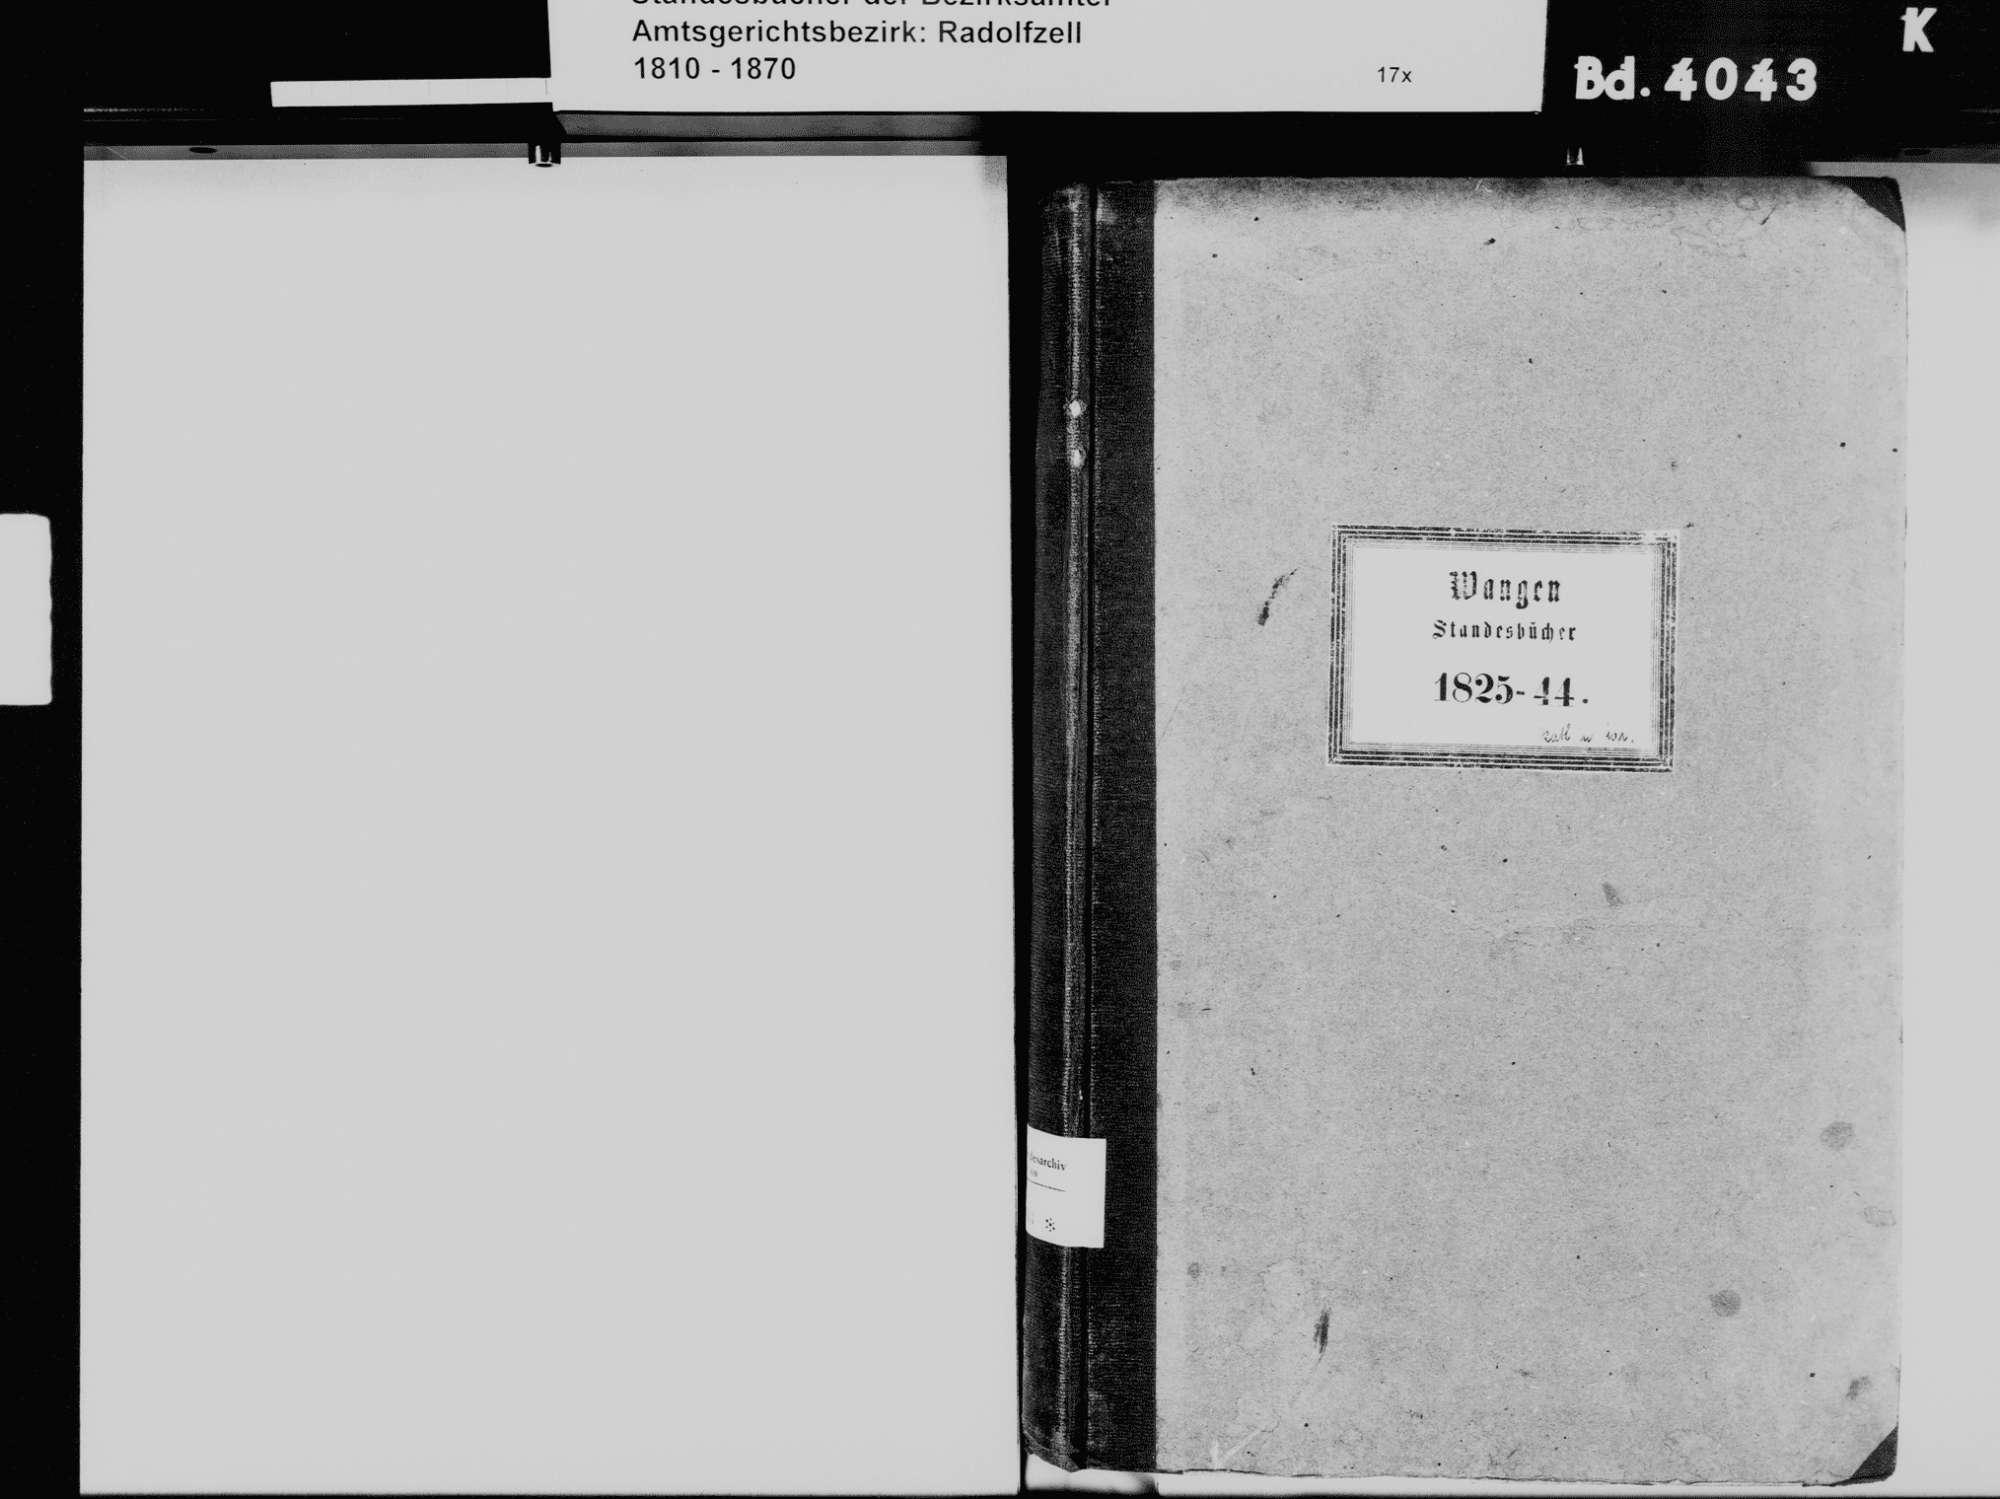 Wangen, Öhningen KN; Katholische Gemeinde: Standesbuch 1825-1844 Wangen, Öhningen KN; Evangelische Gemeinde: Standesbuch 1825-1844, Bild 3